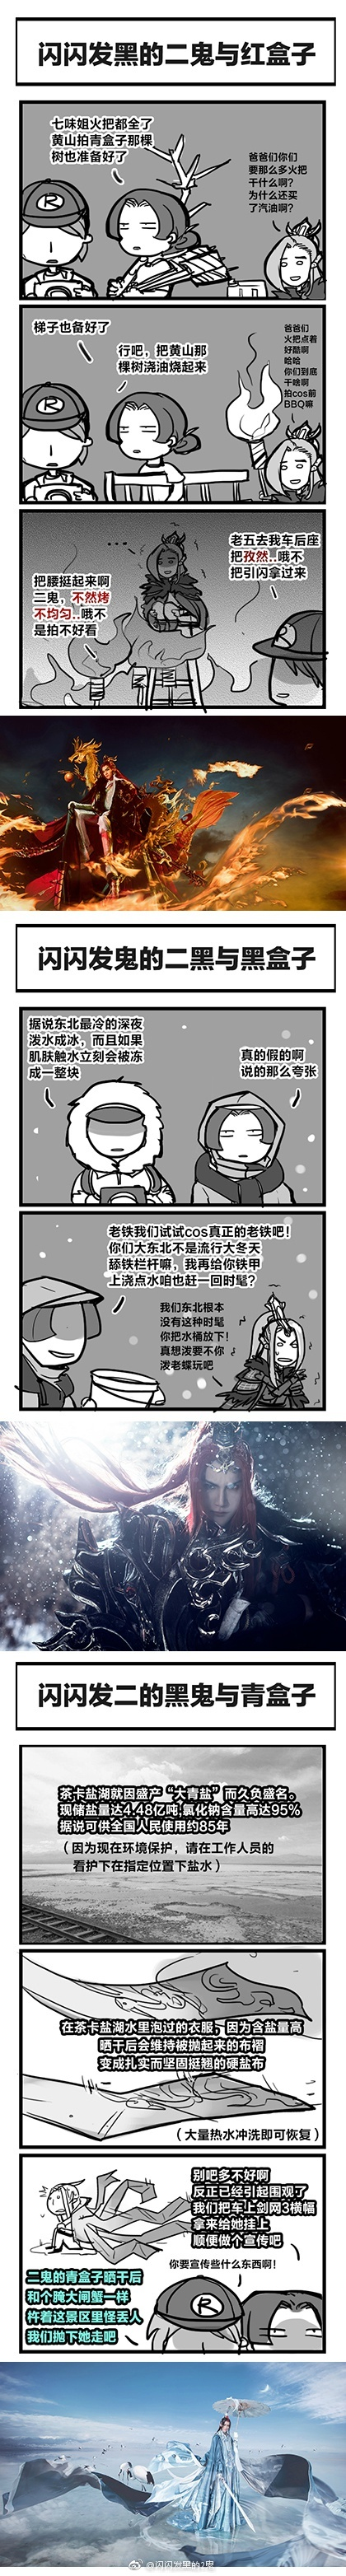 青盒子 (8).jpg